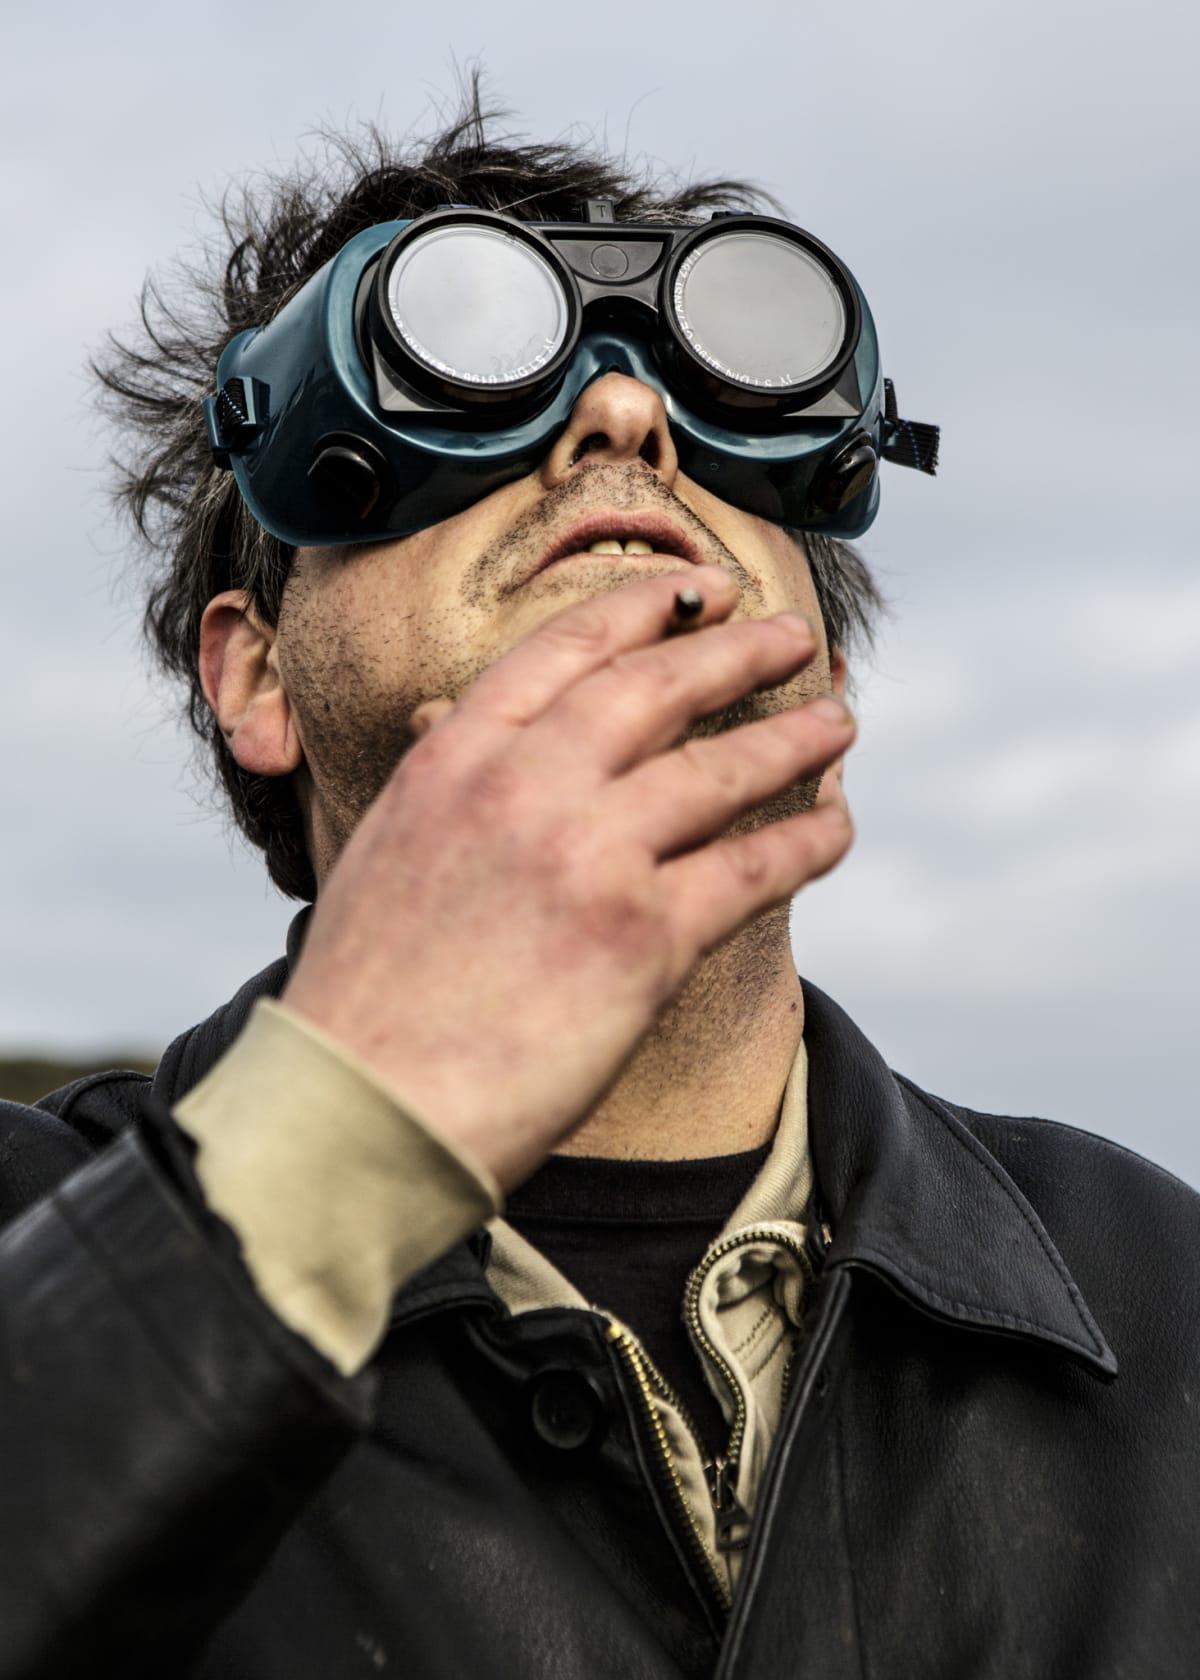 Jonas Bendiksen, David watching solar eclipse, UK, 2015